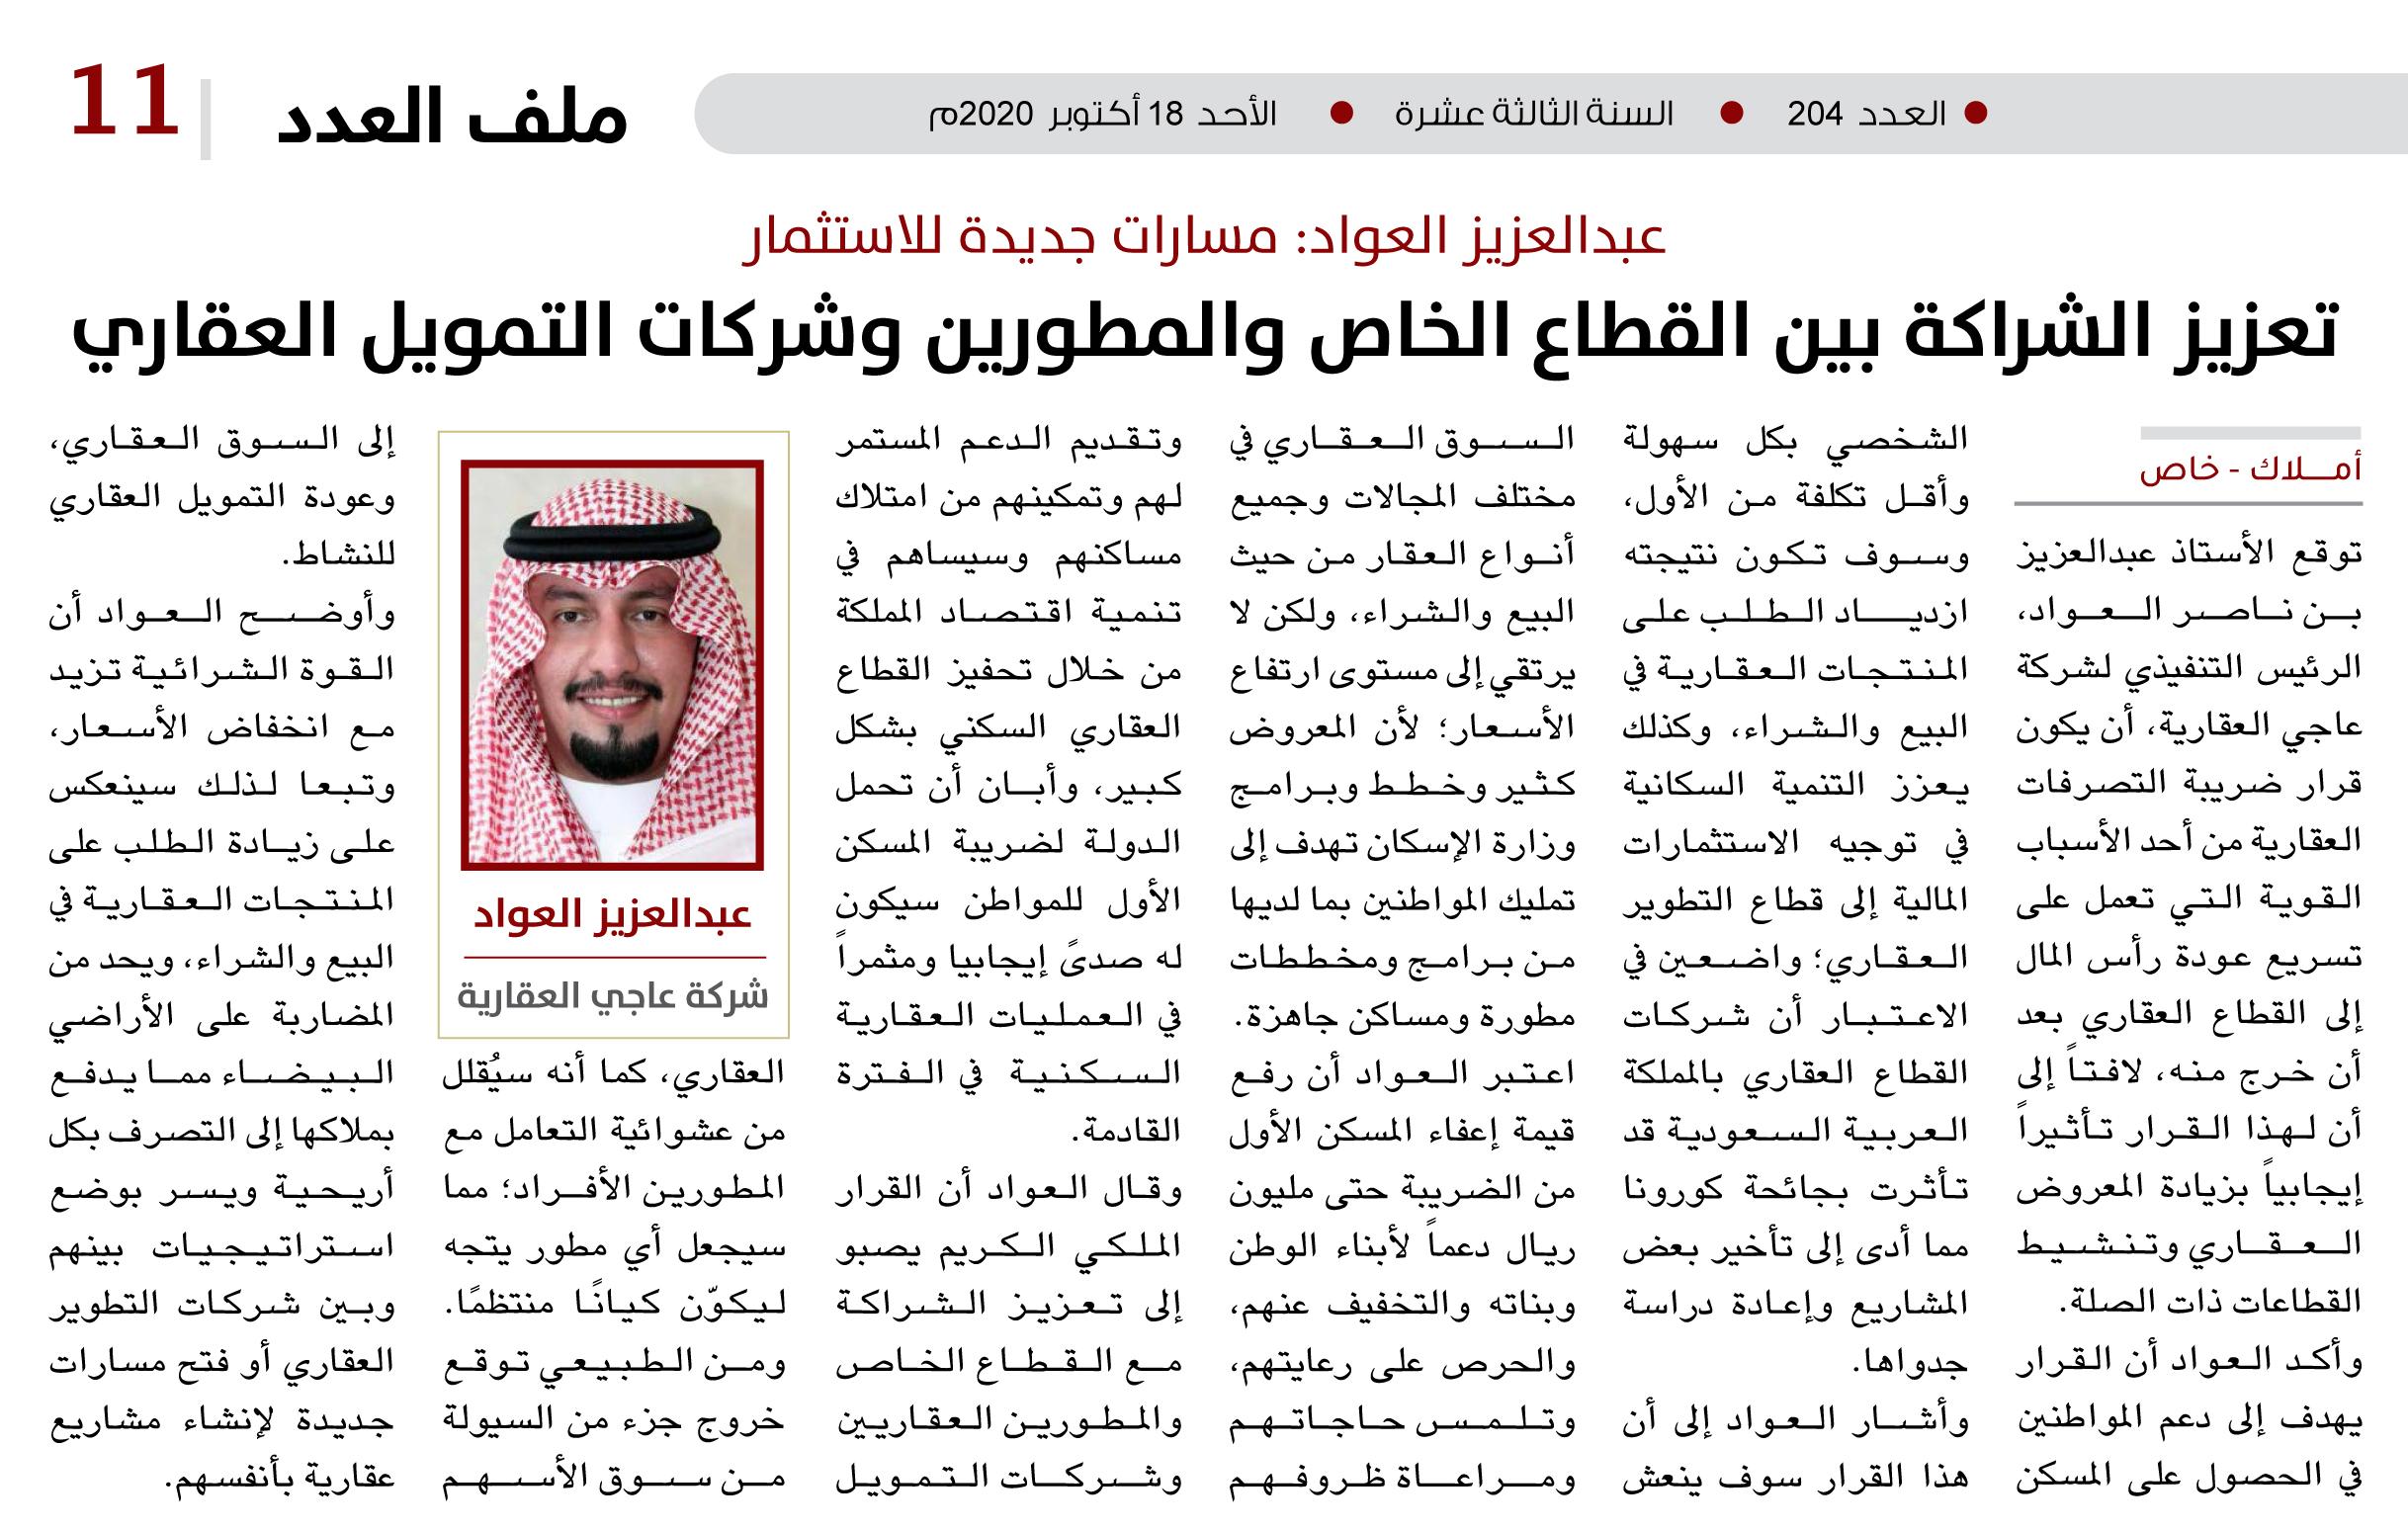 عبد العزيز العواد استثمار ضريبة التصرفات